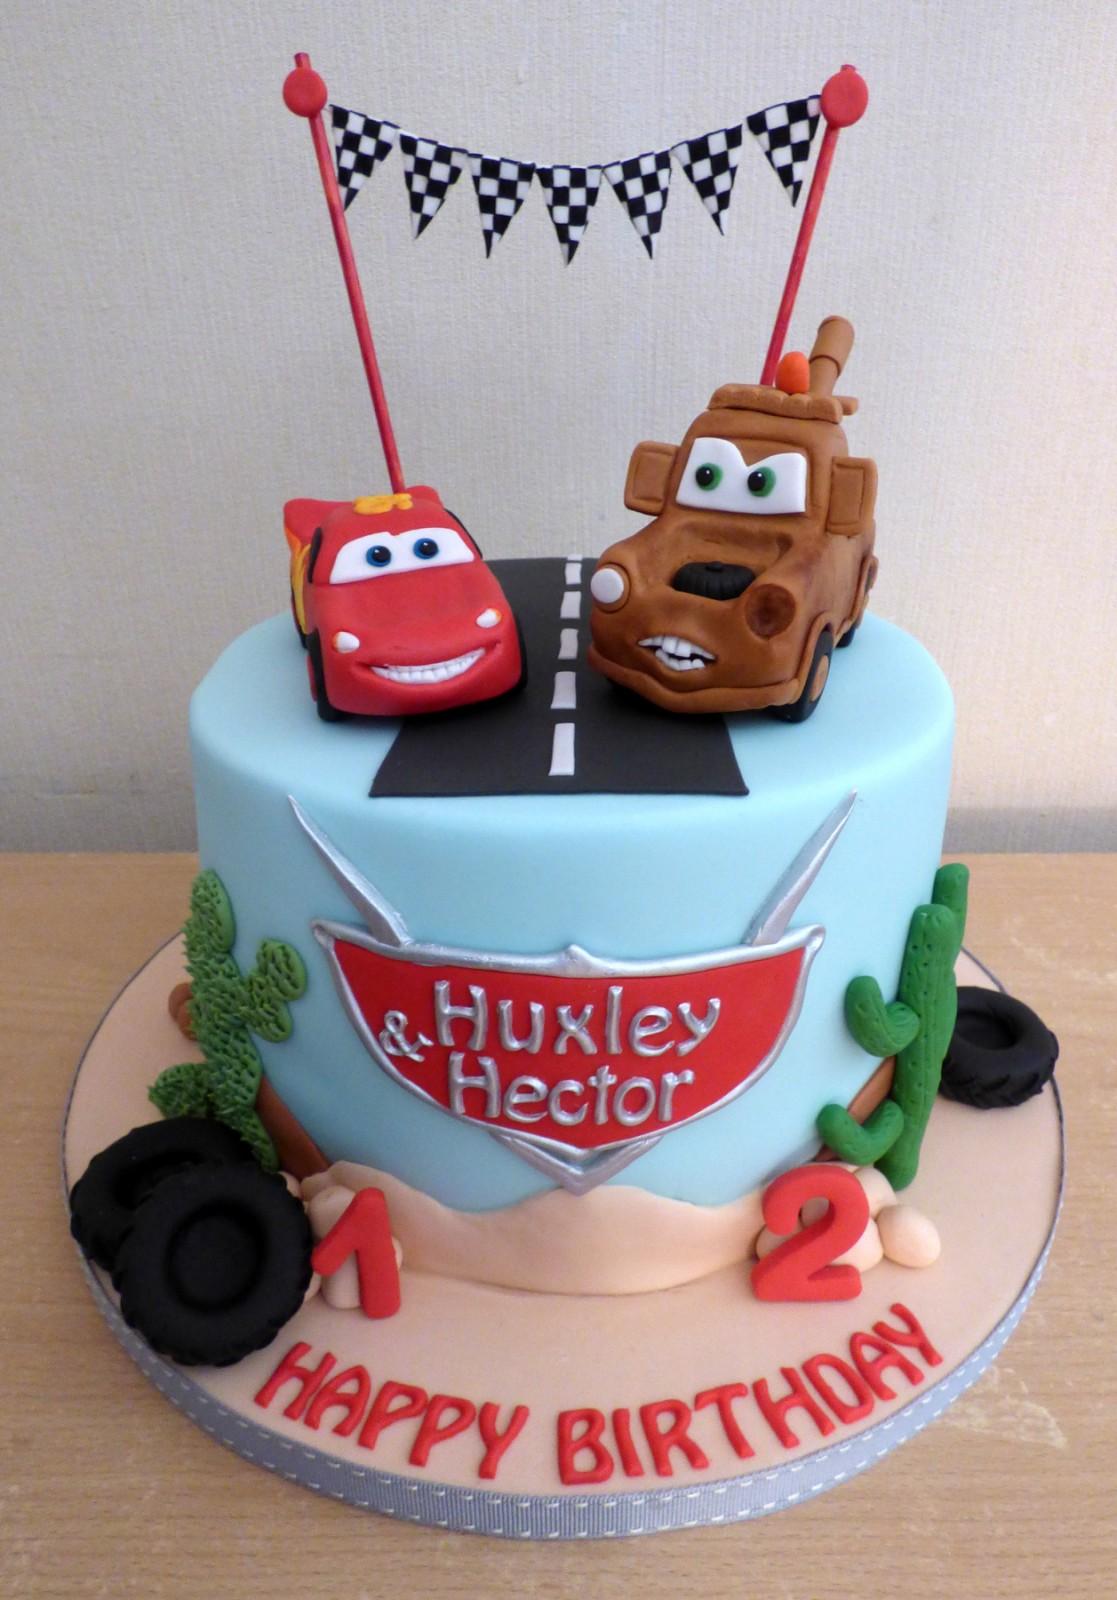 Disney Pixar Cars Themed Birthday Cake Susie S Cakes